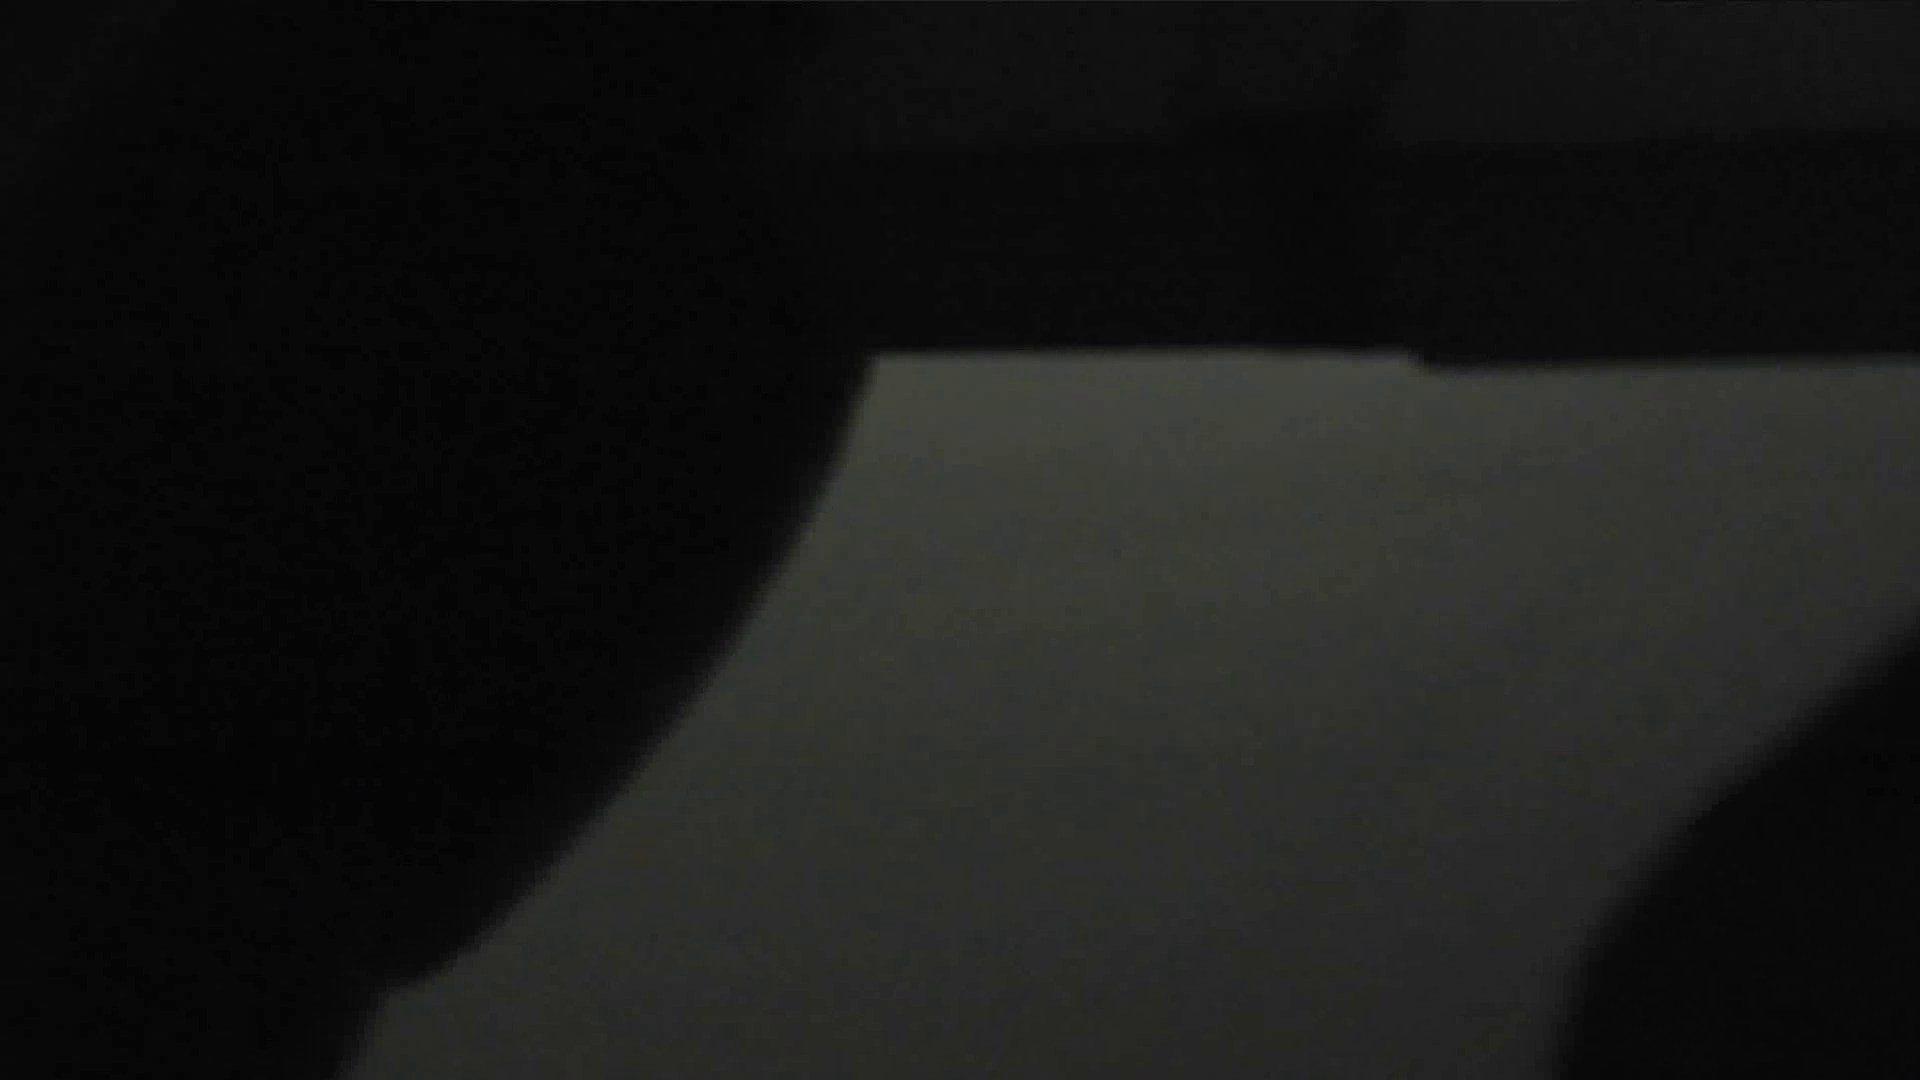 vol.02 着替えシーンもありマス 洗面所シーン AV動画キャプチャ 109画像 37